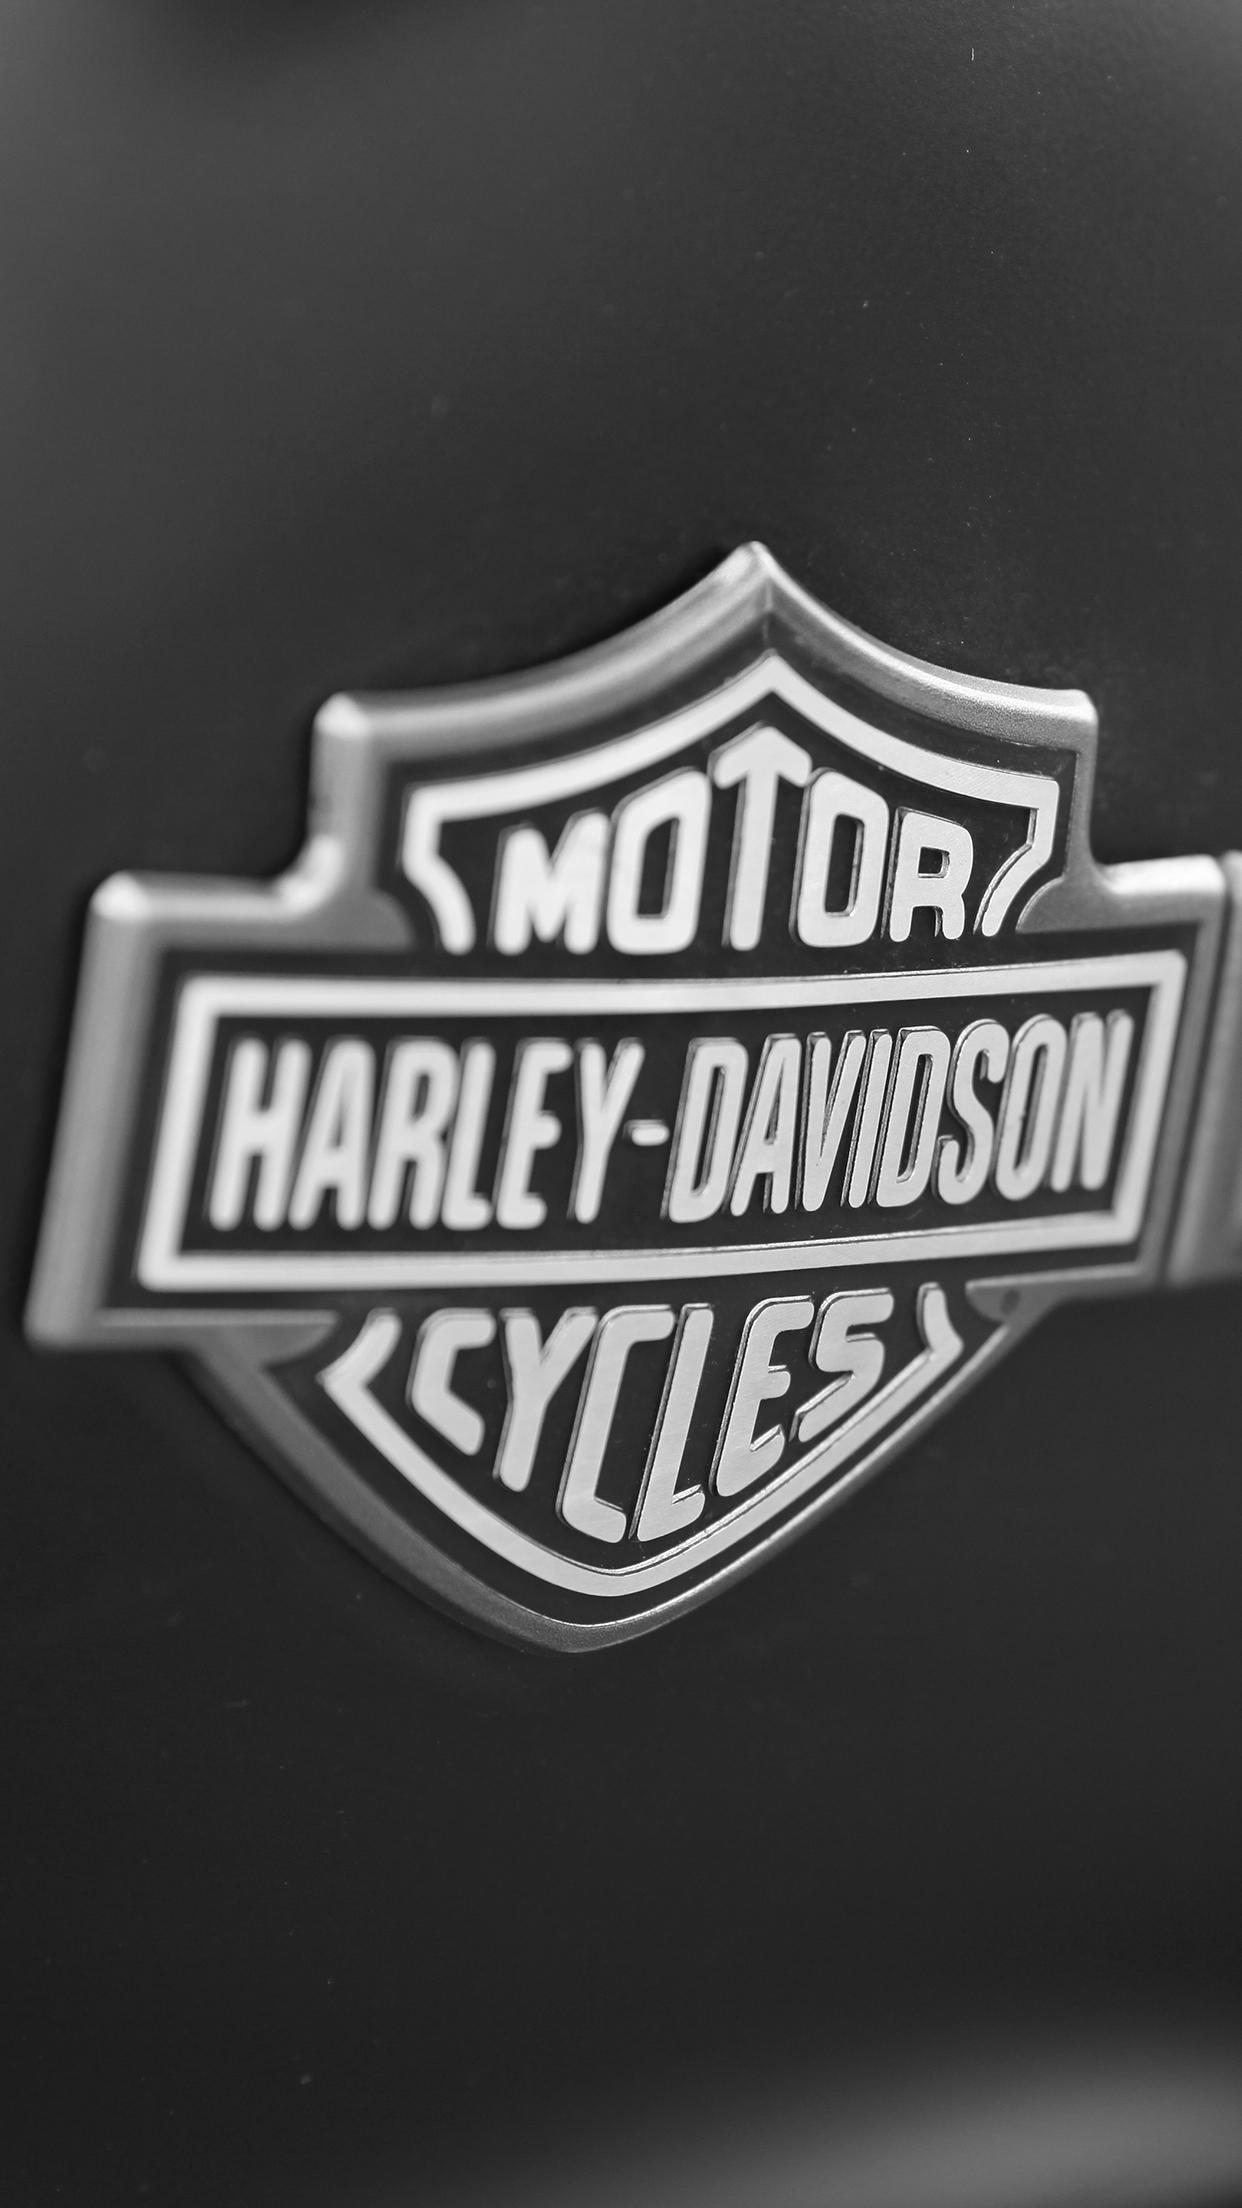 Free Download Harley Davidson Logo 1242x2208 For Your Desktop